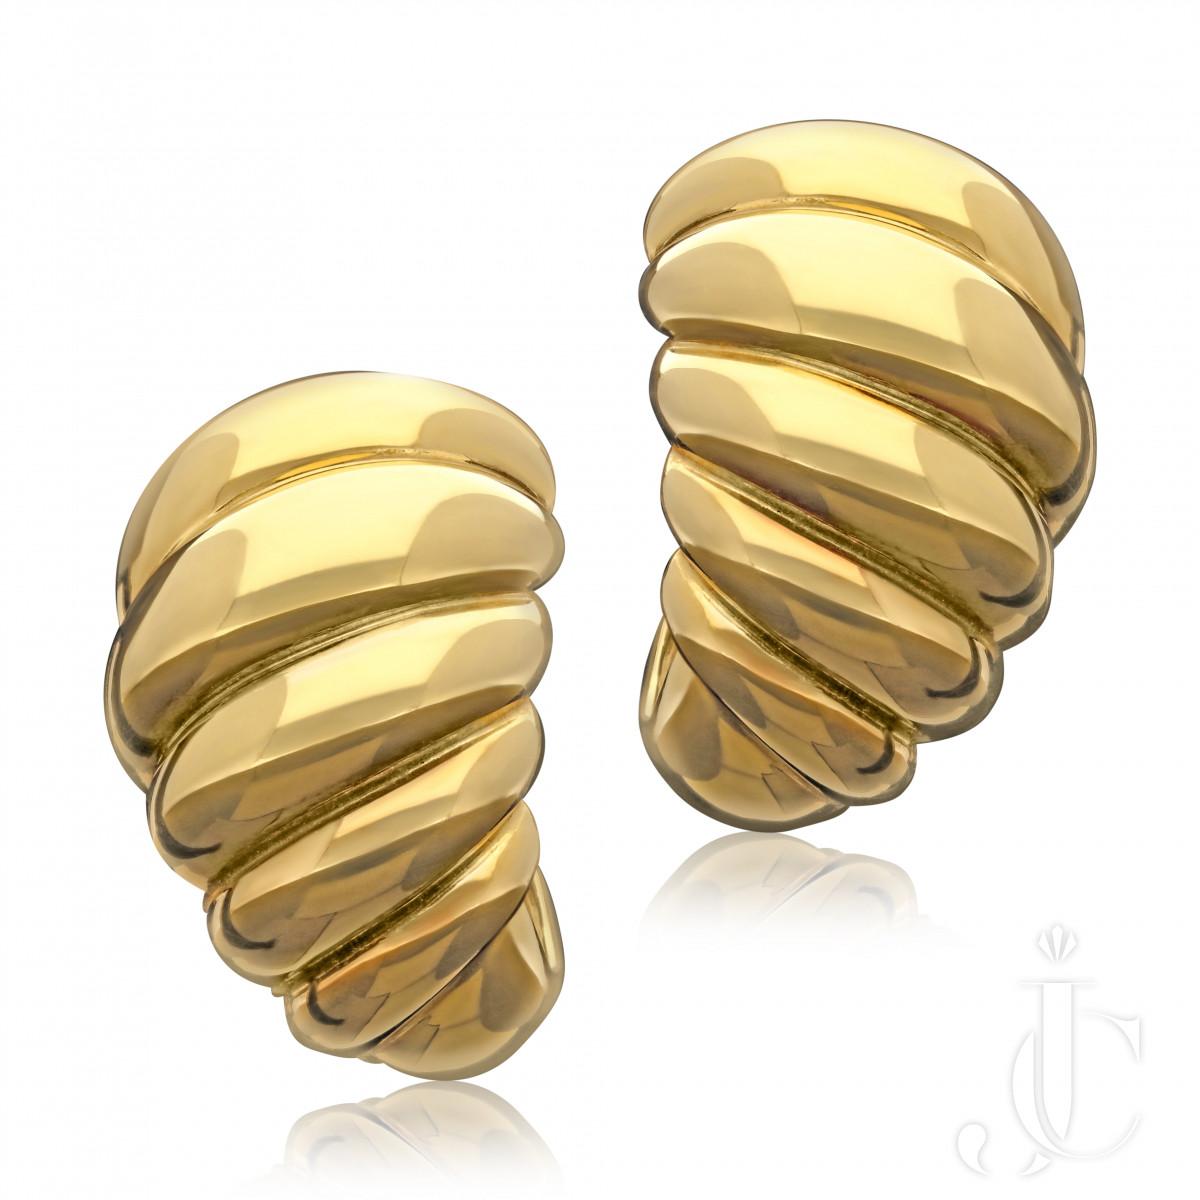 Van Cleef & Arpels Paris Twisted Gold Earrings workmaster Andre Vassort